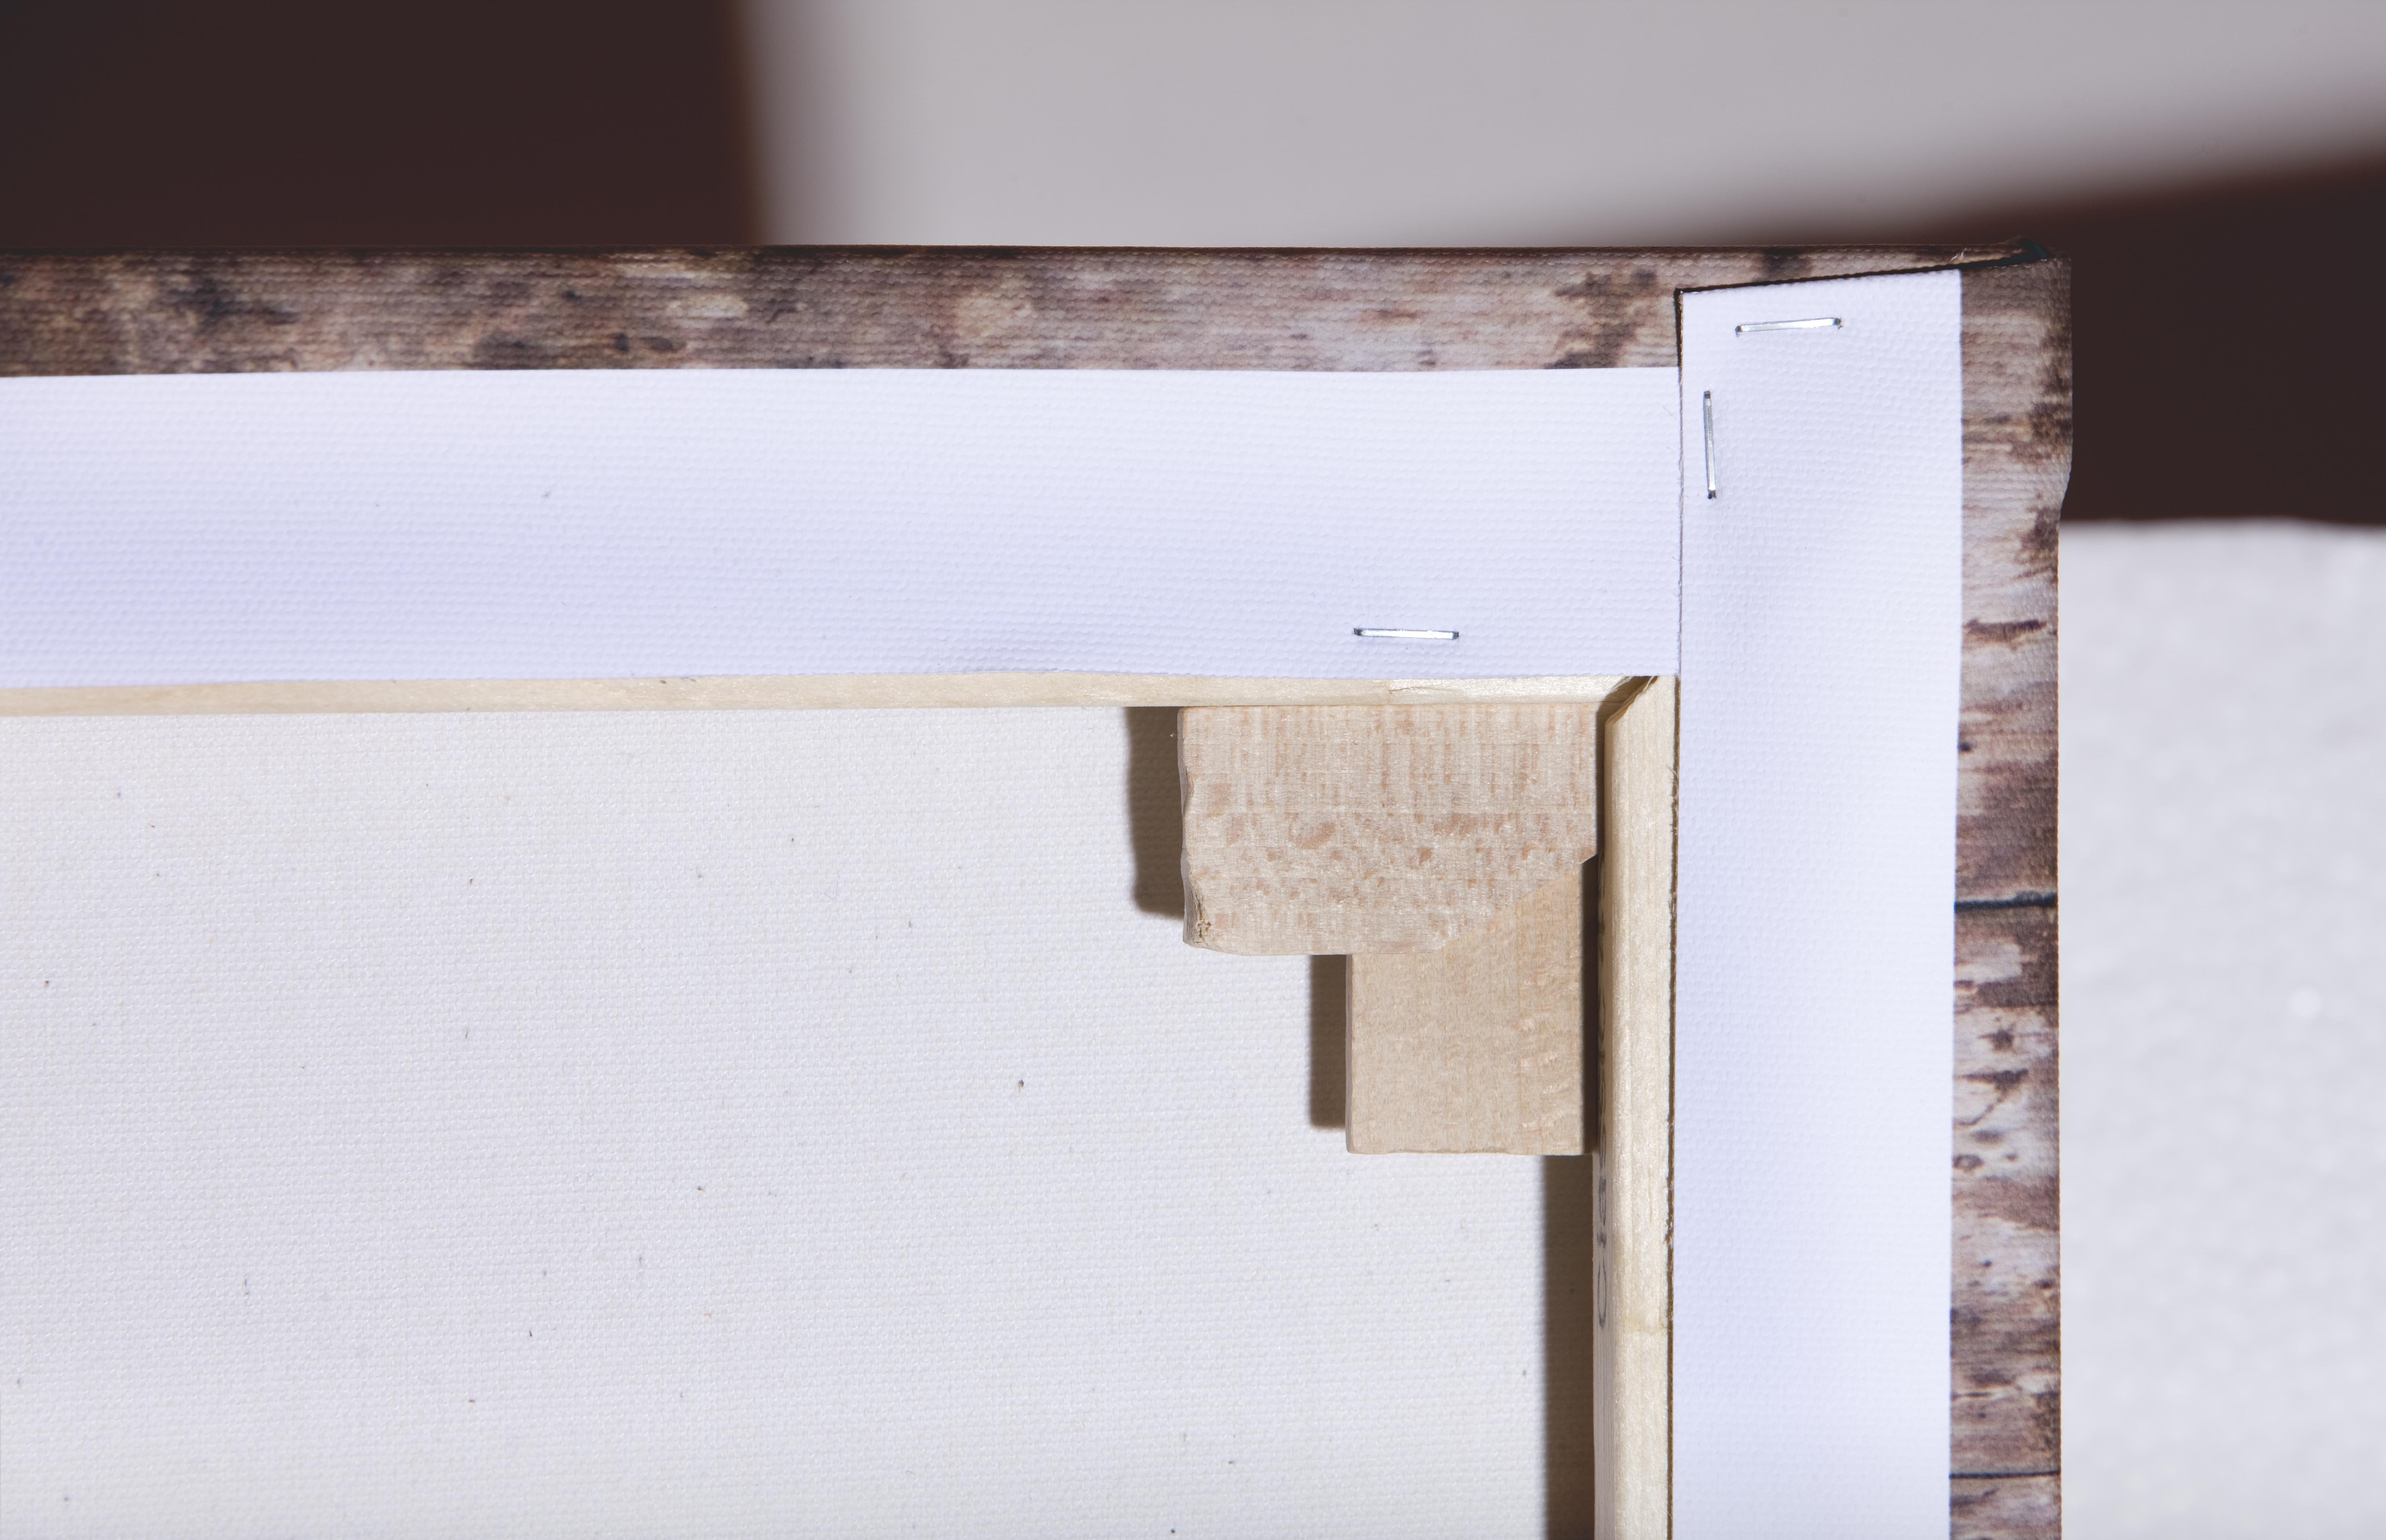 Fotos gratis : mesa, estructura, madera, blanco, textura, piso ...